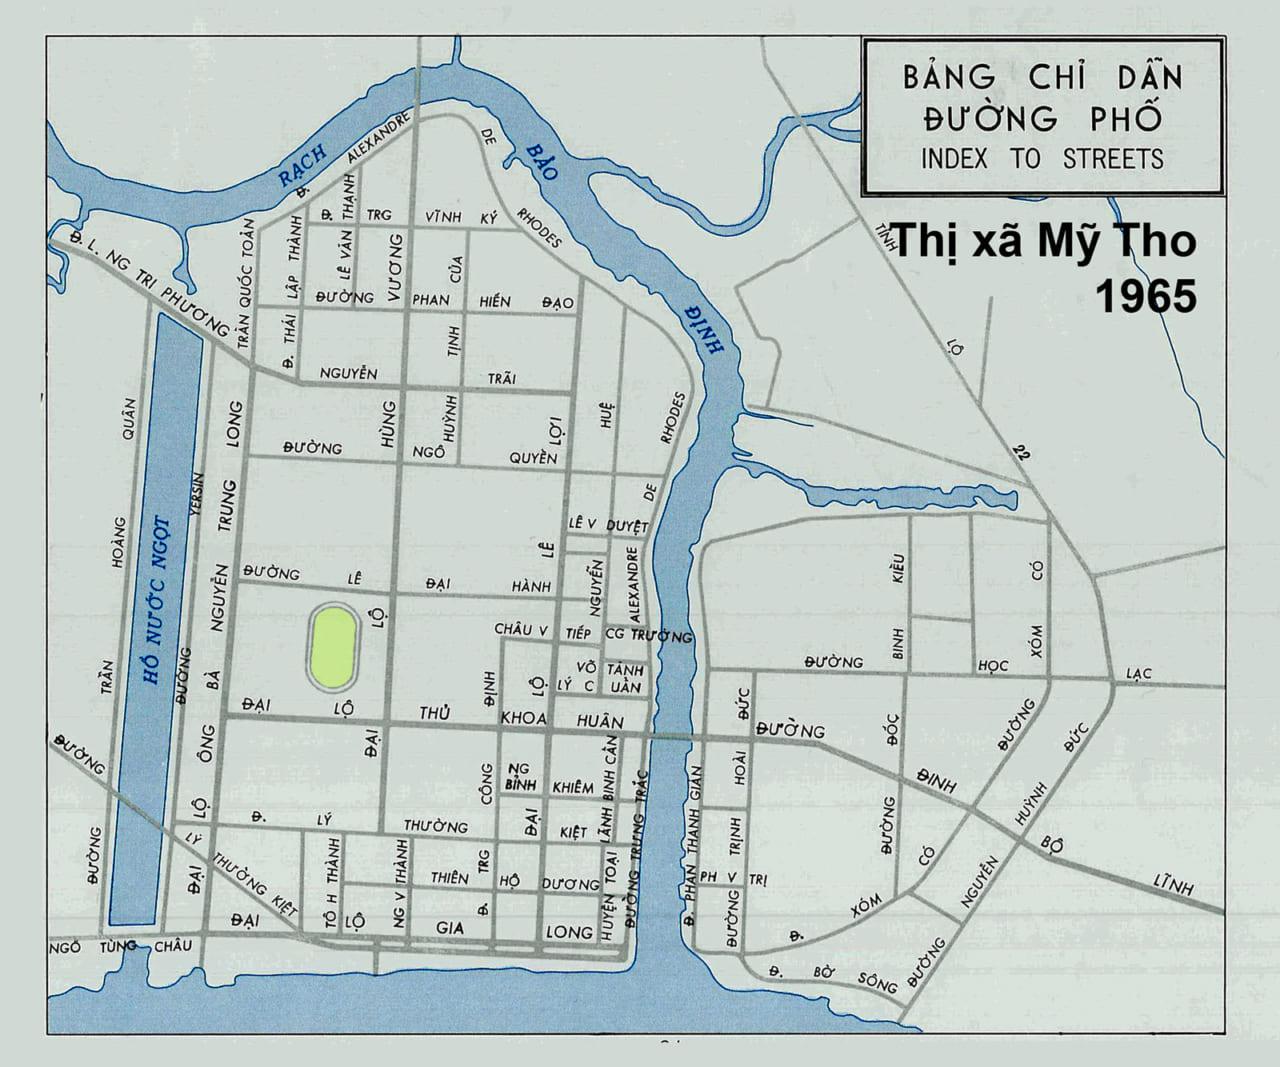 Bản đồ chỉ dẫn tên đường thị xã Mỹ Tho năm 1965